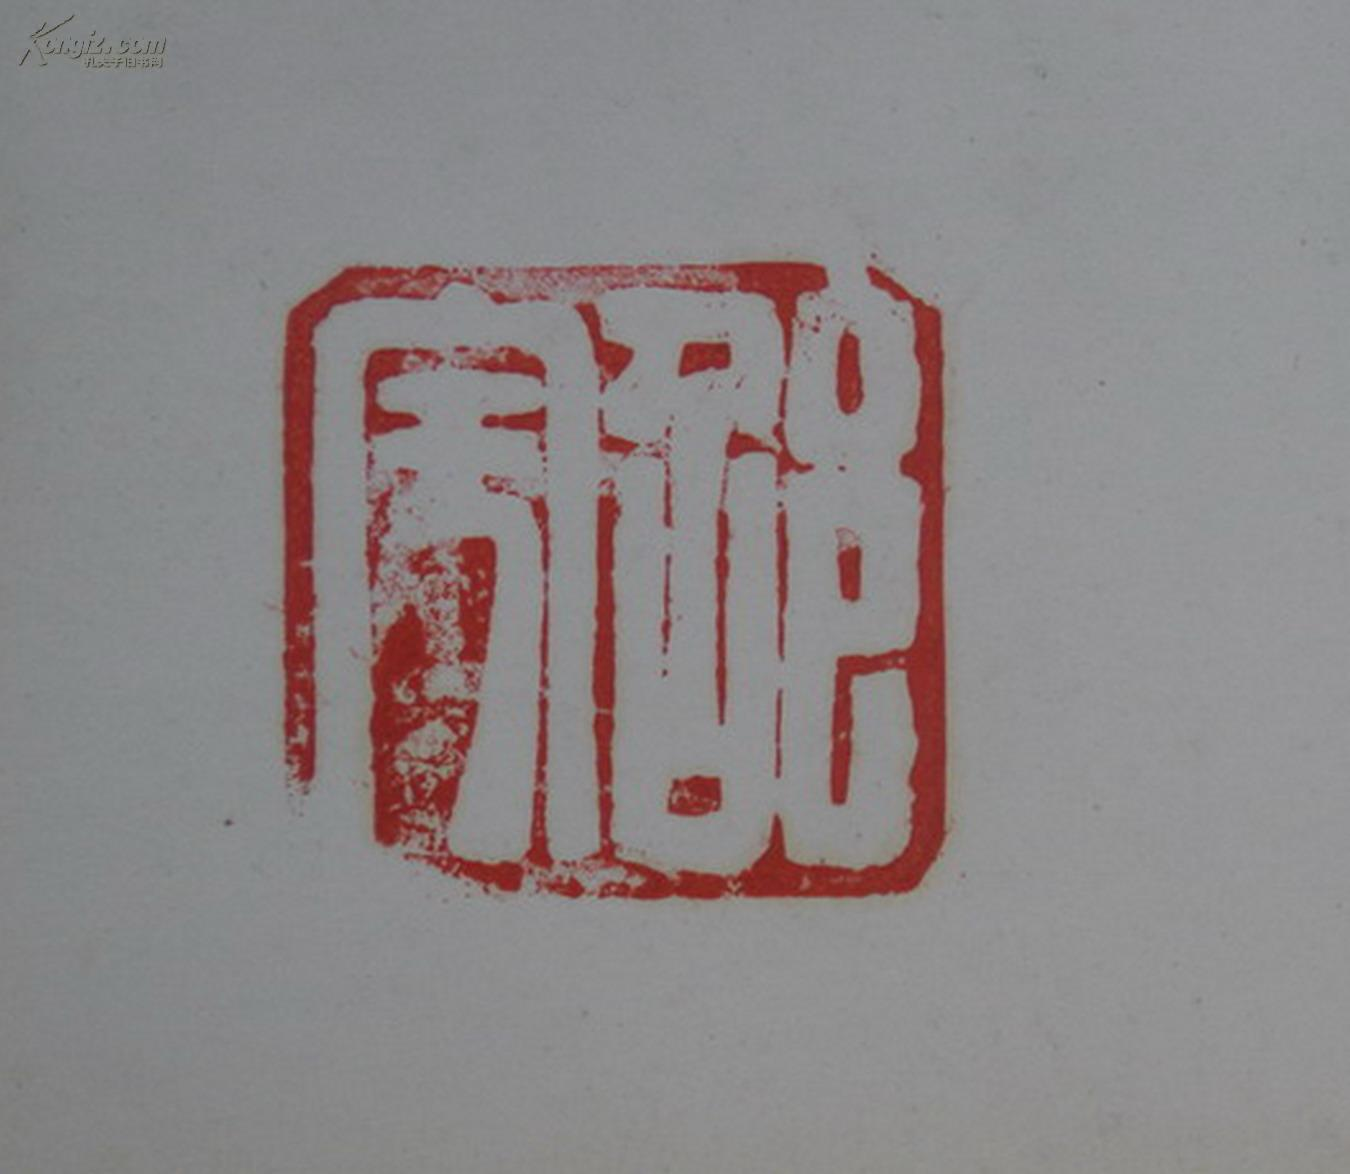 中国古文字艺术学会会长图片